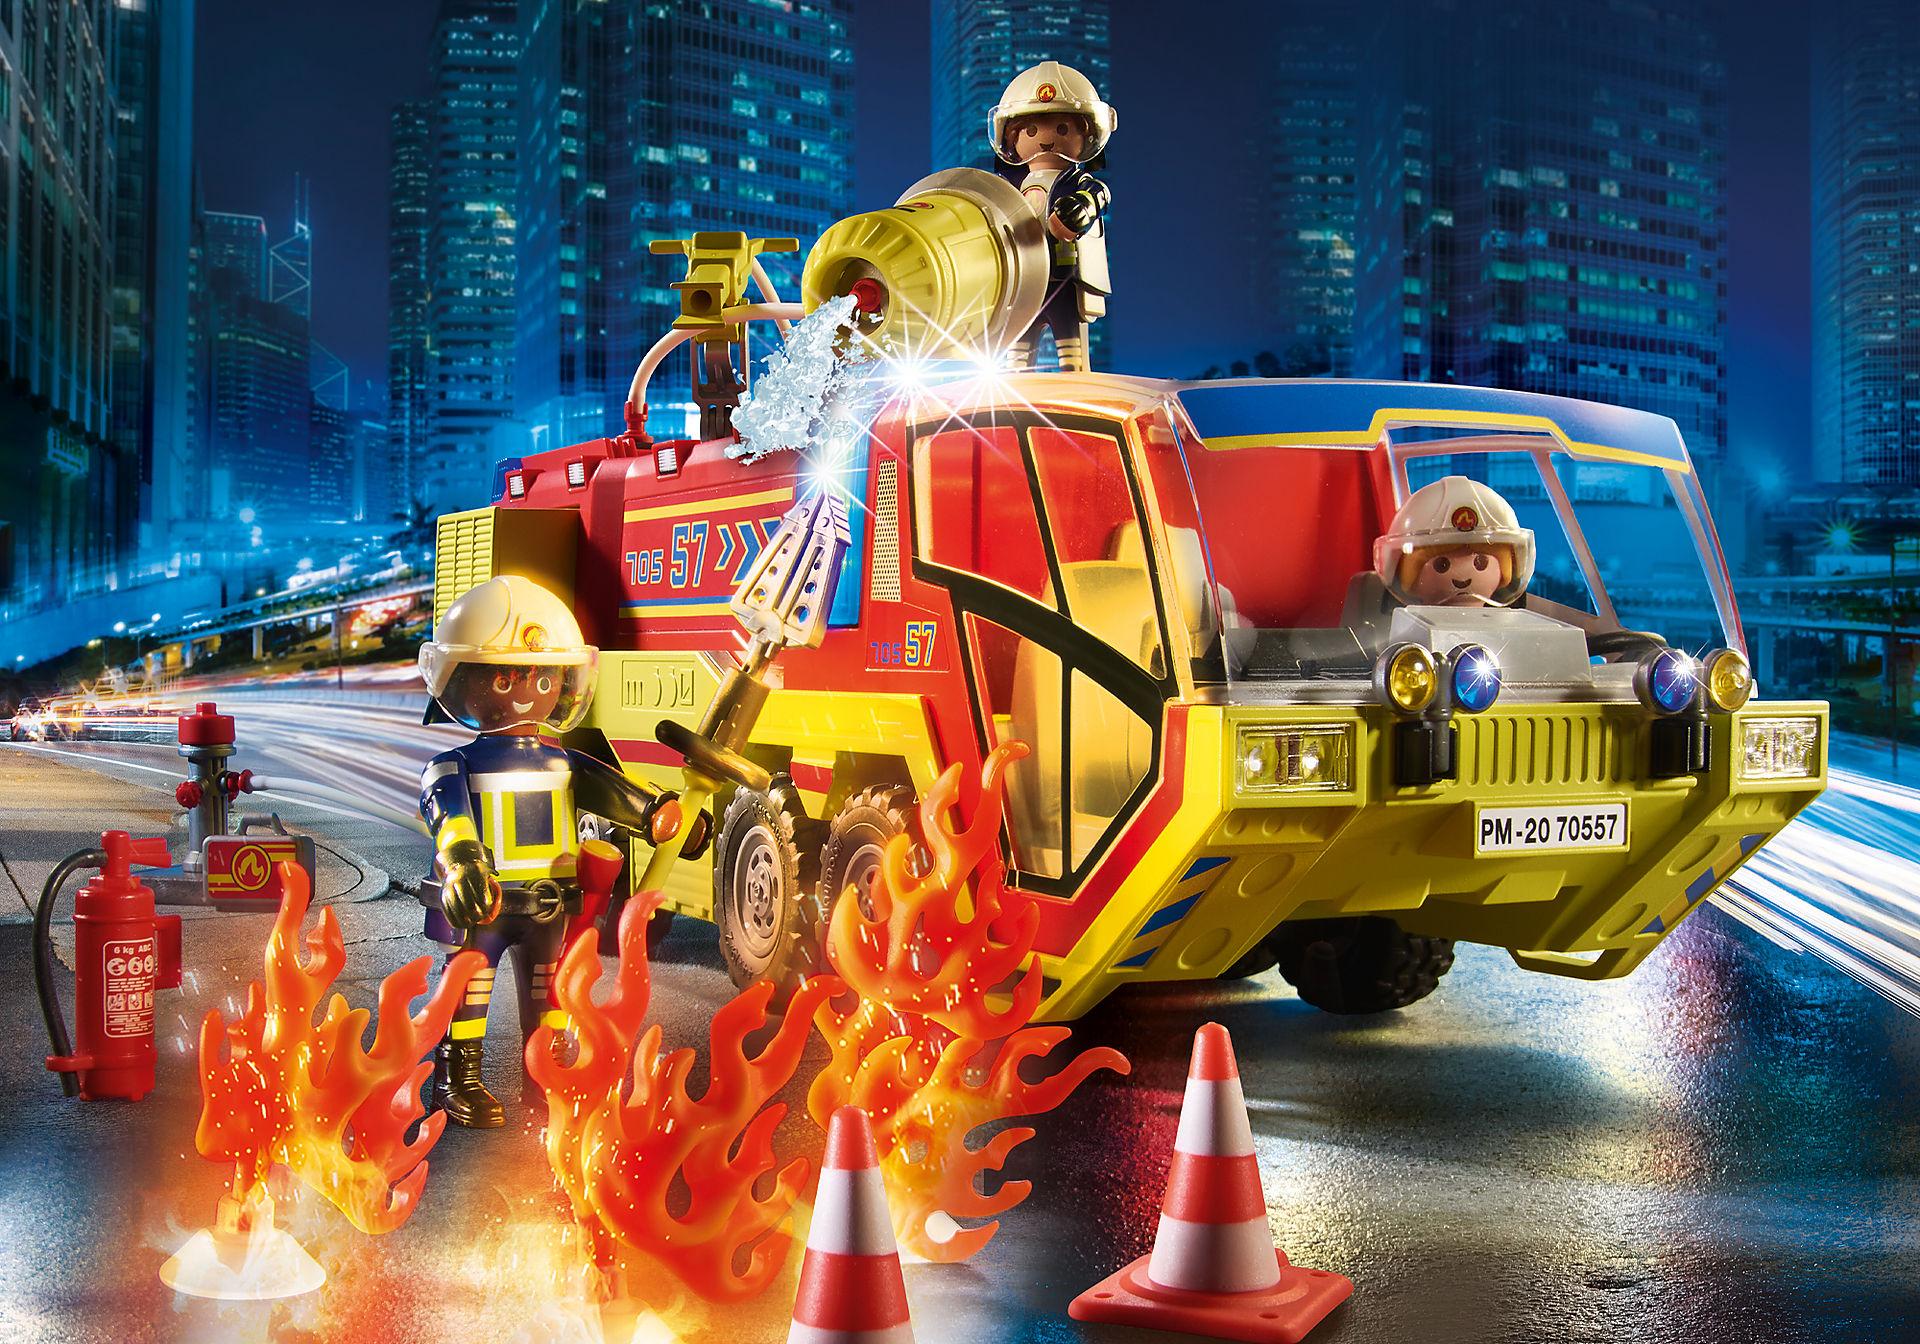 70557 Пожарный расчет с пожарной машиной zoom image5